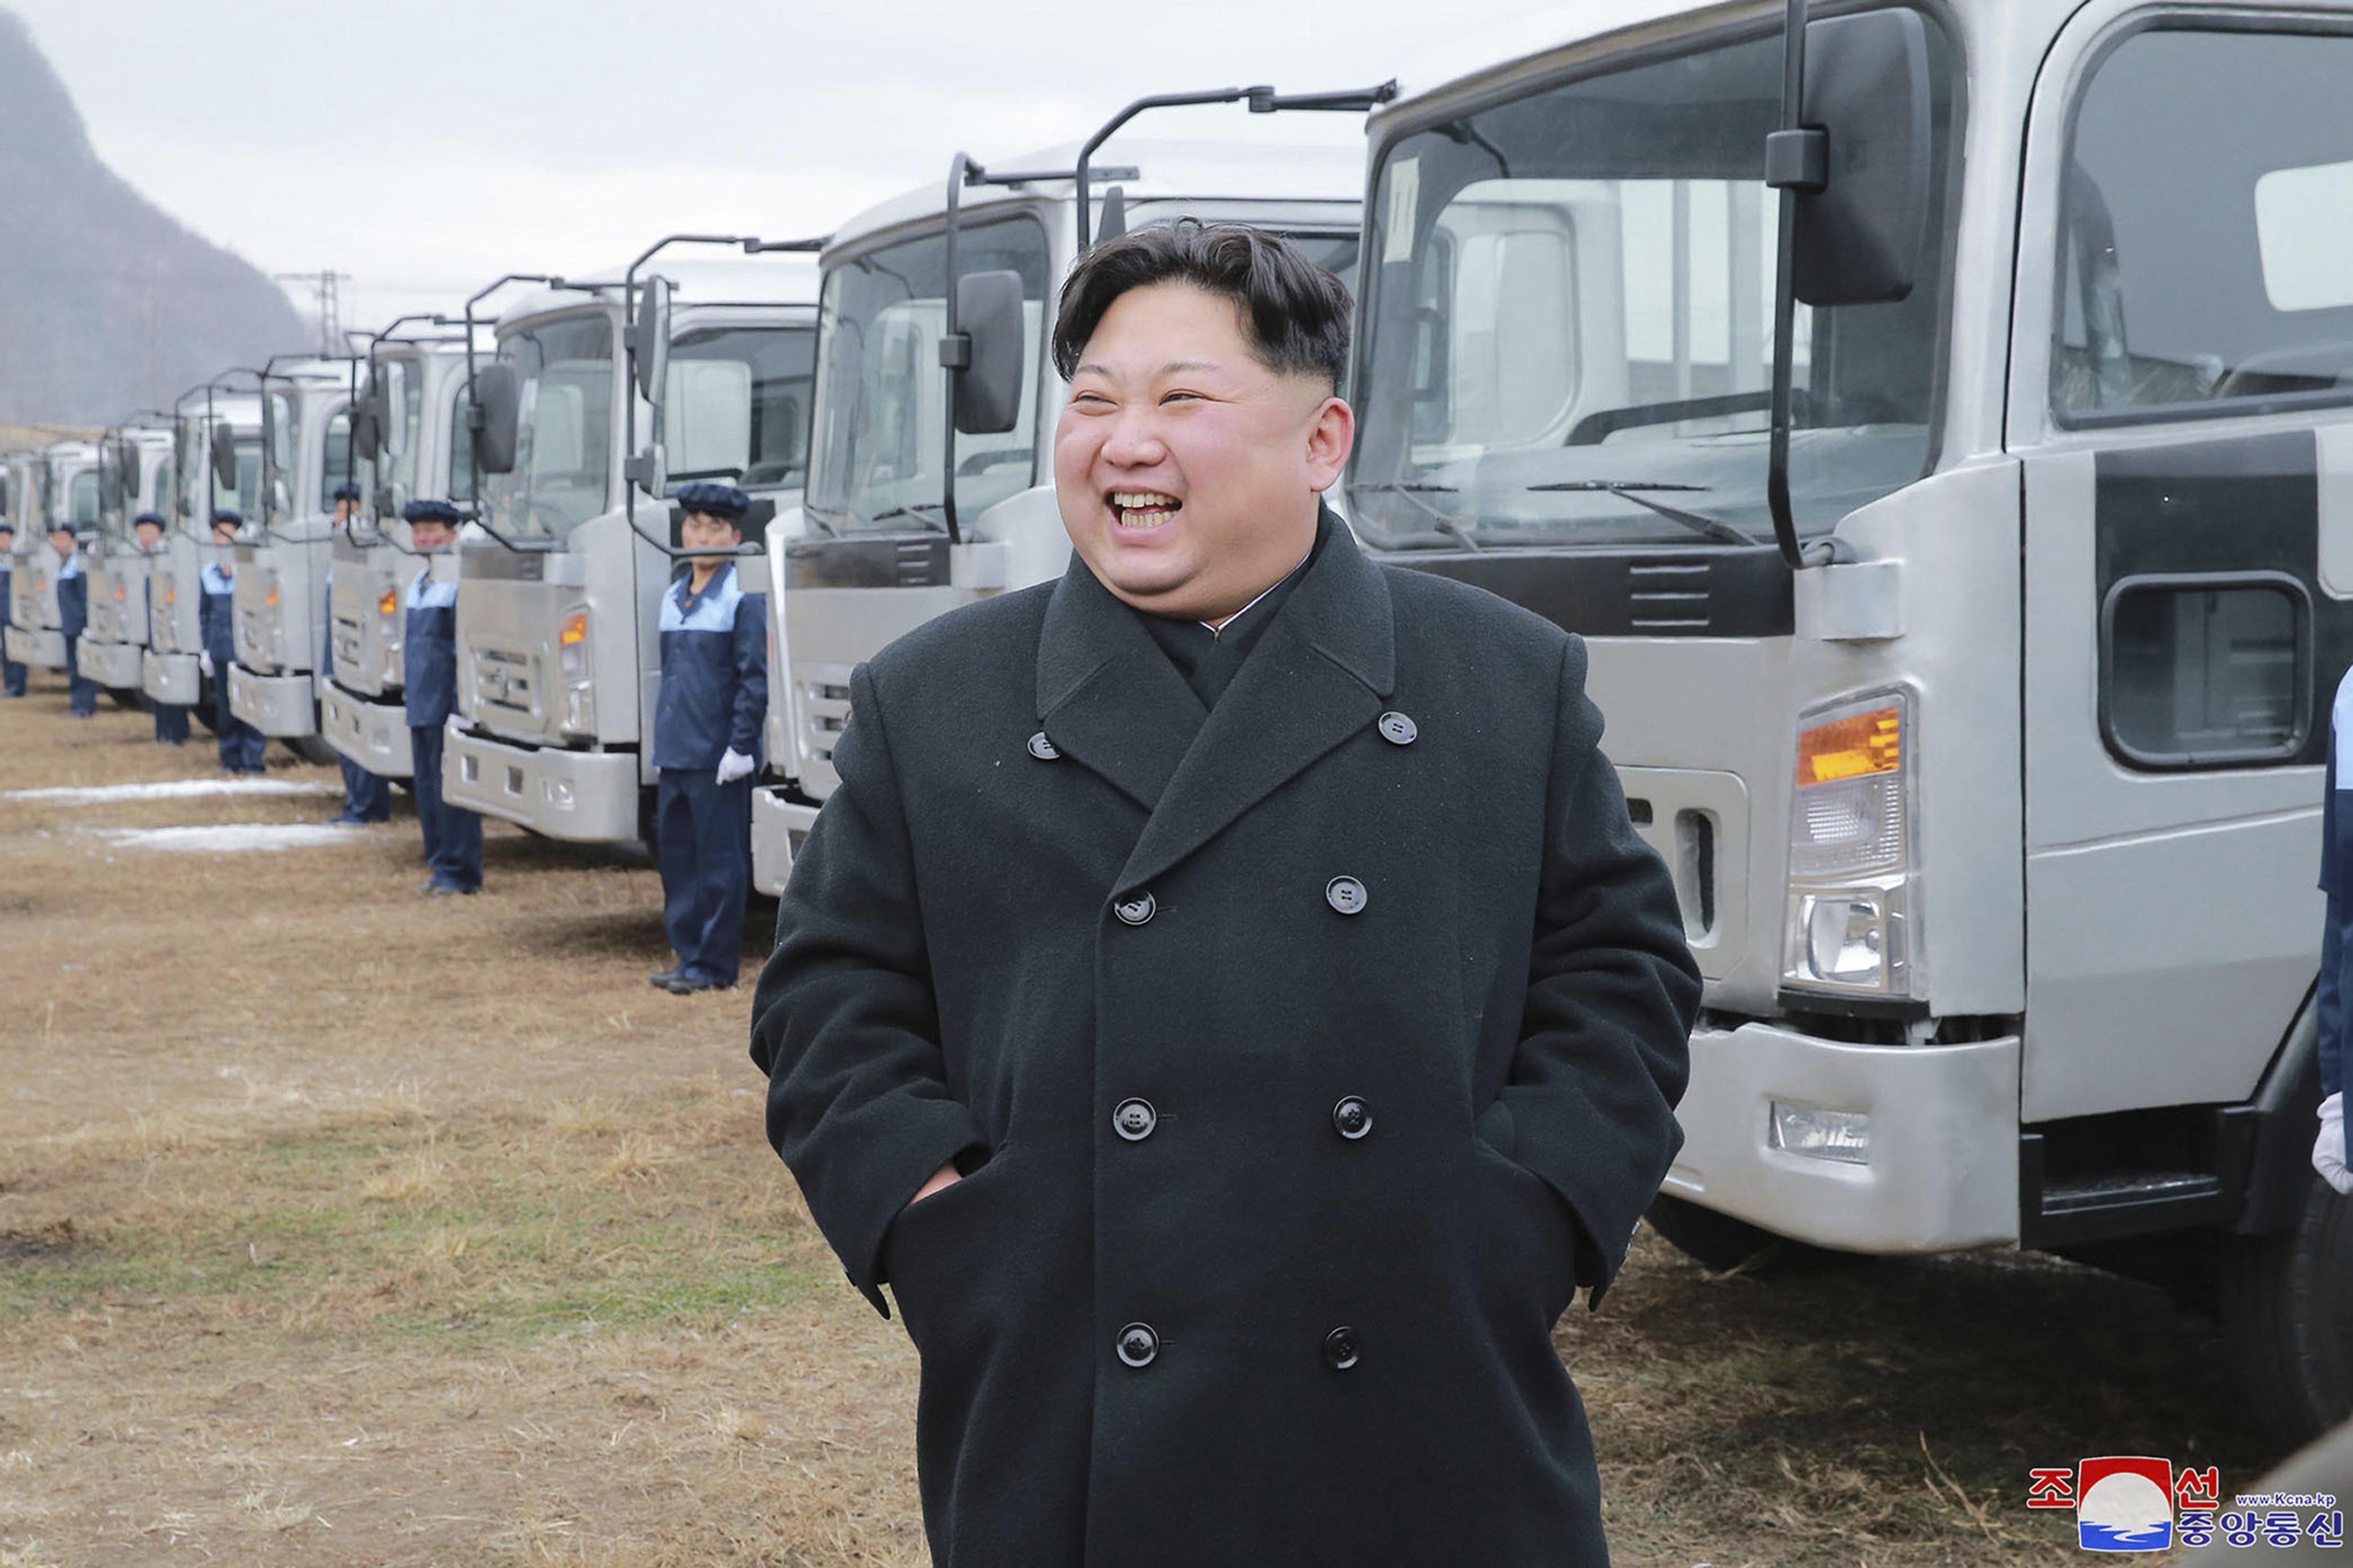 北韓朝中社21日發布領導人金正恩去平安南道視察勝利汽車集團的照片。美聯社